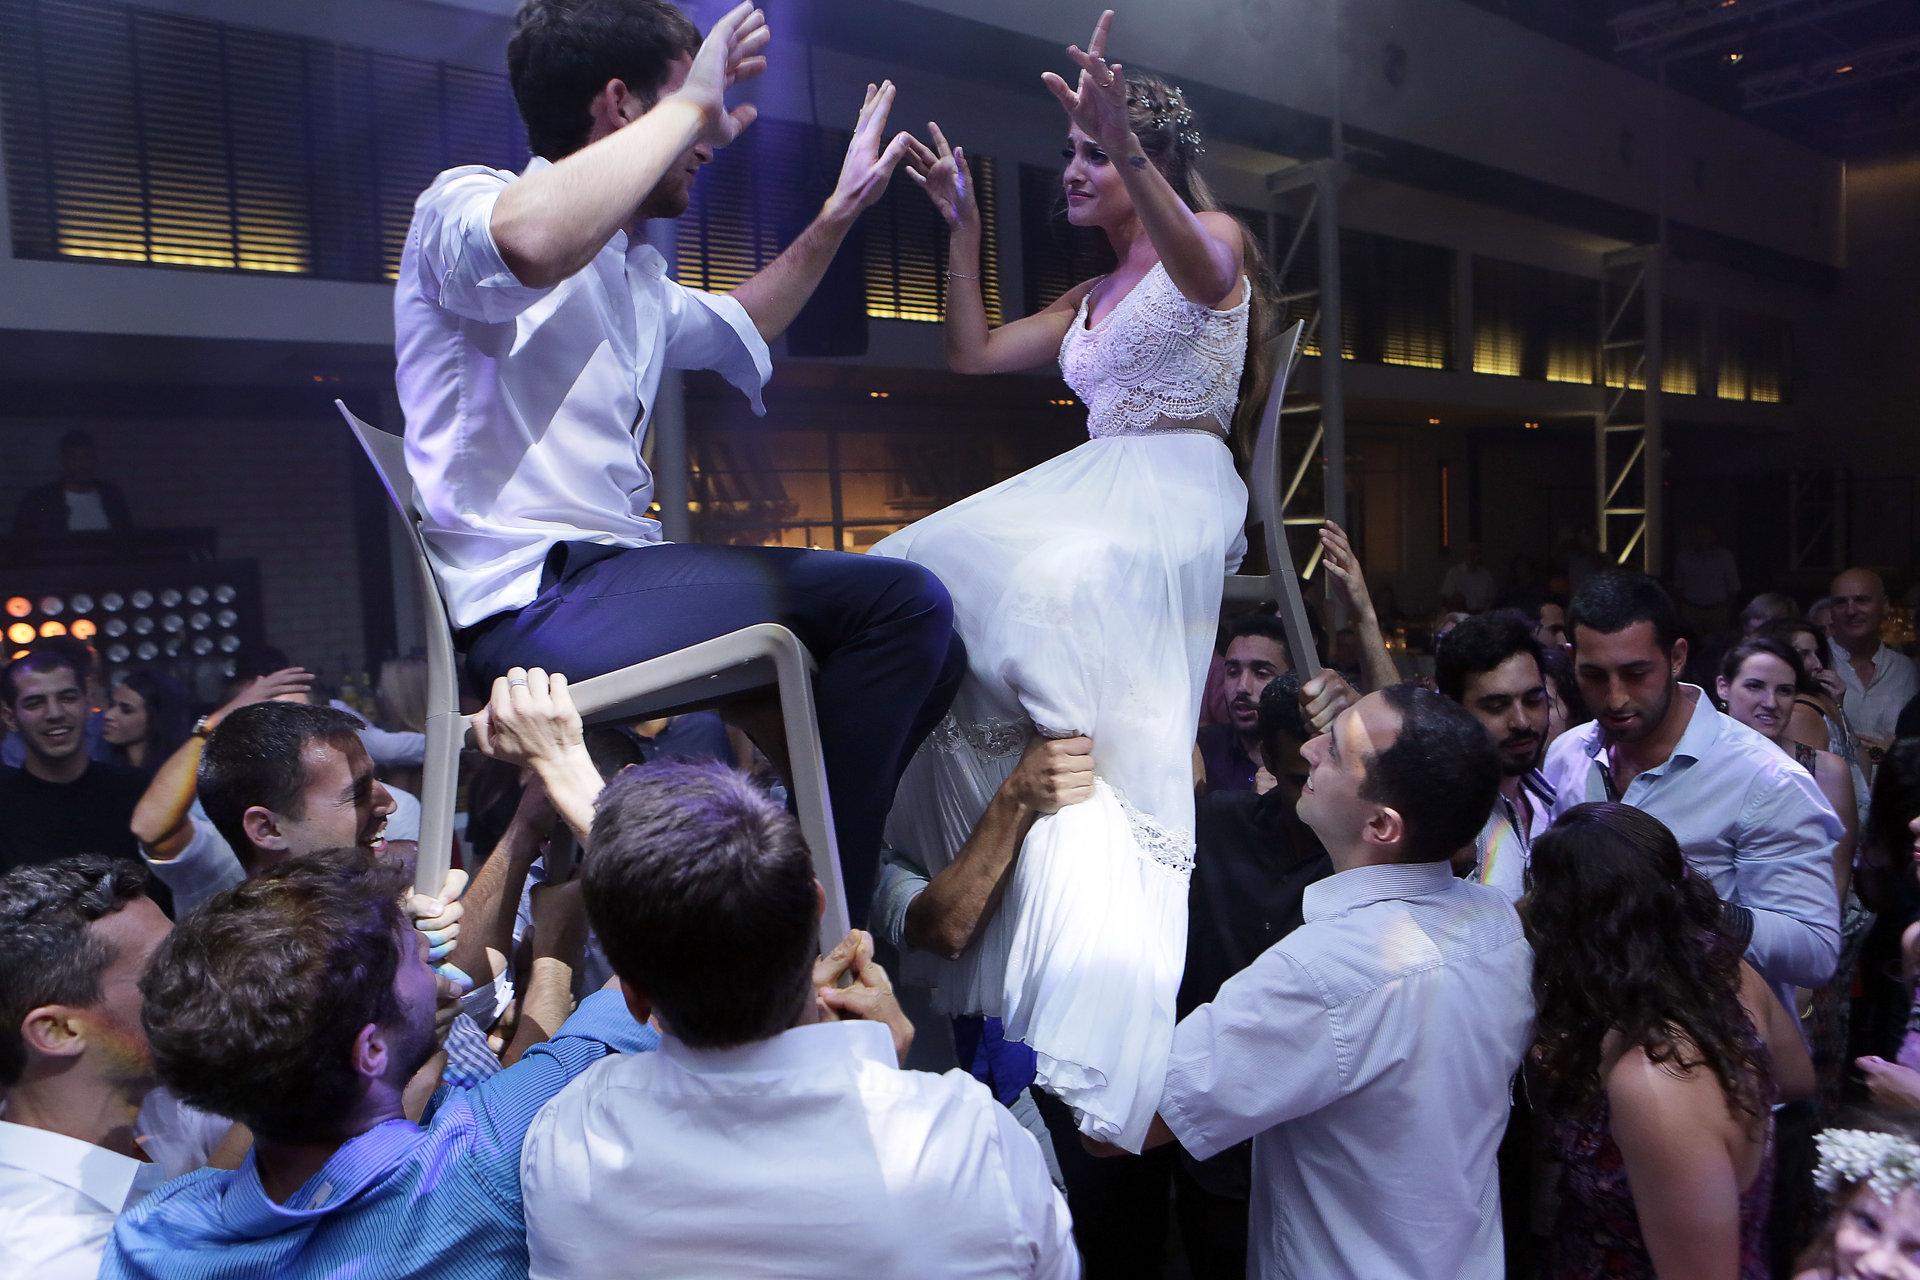 גילעד משיח- צלם חתונותגילעד משיח- צלם חתונות